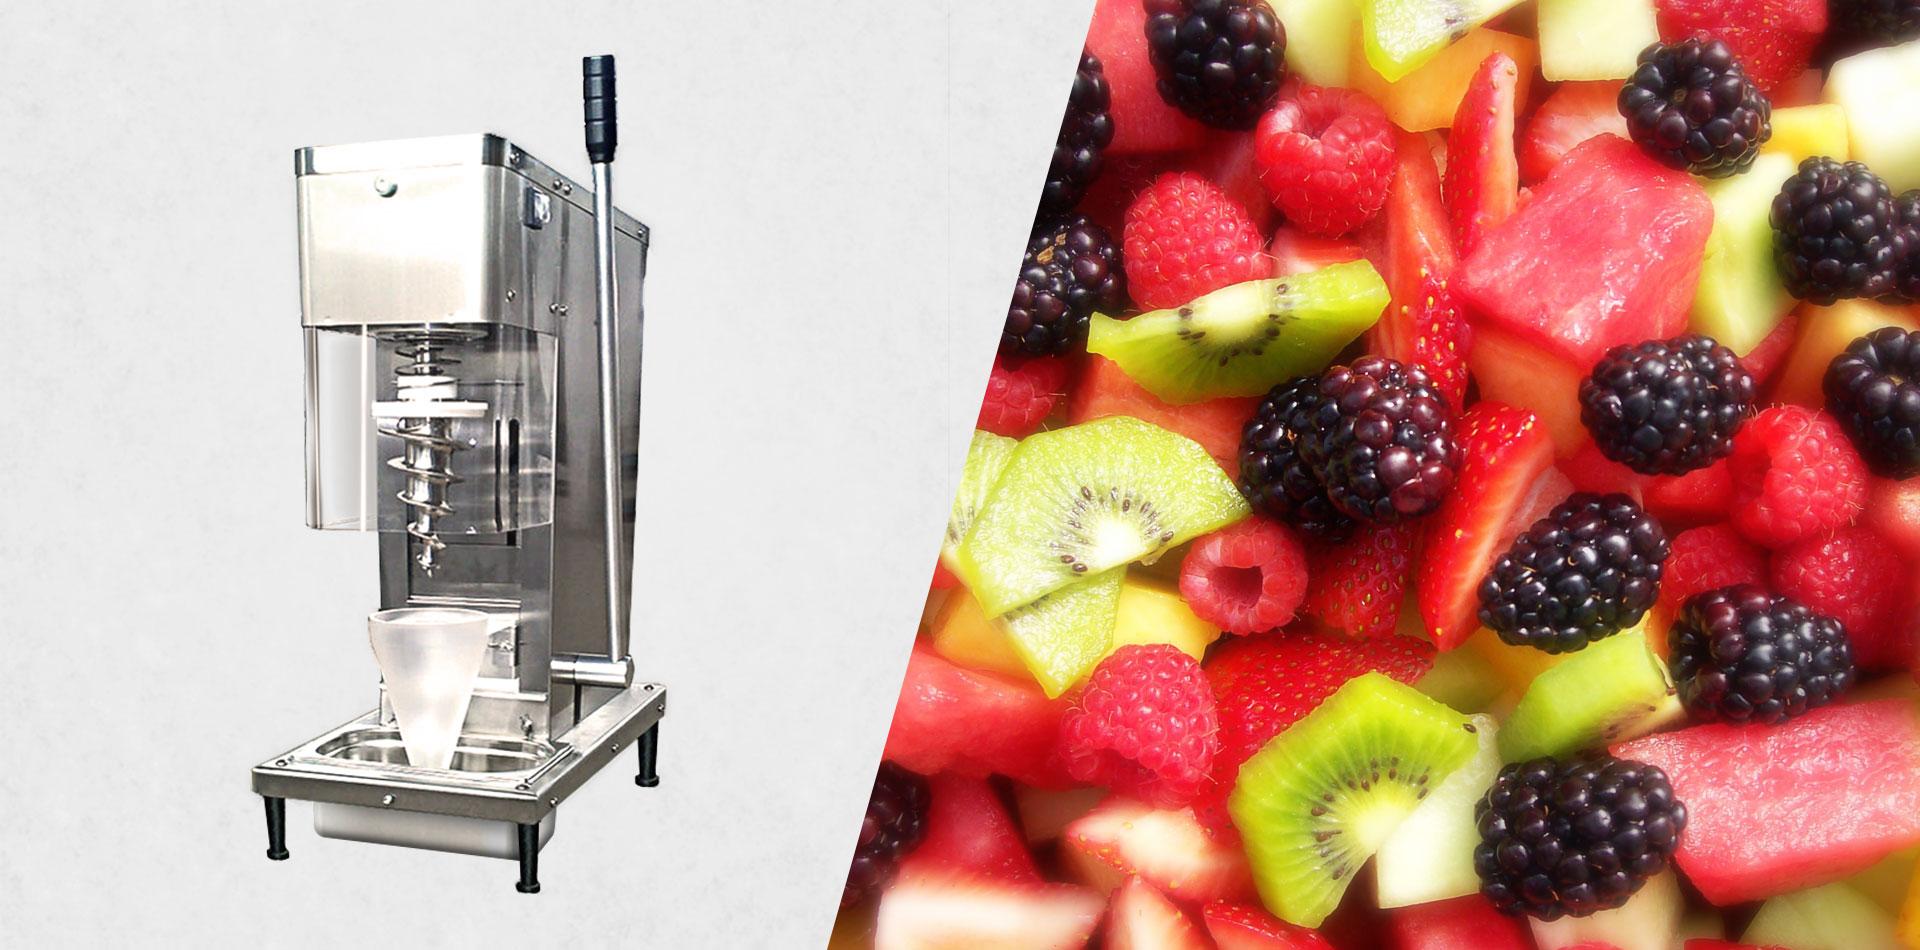 fruit machine ice cream